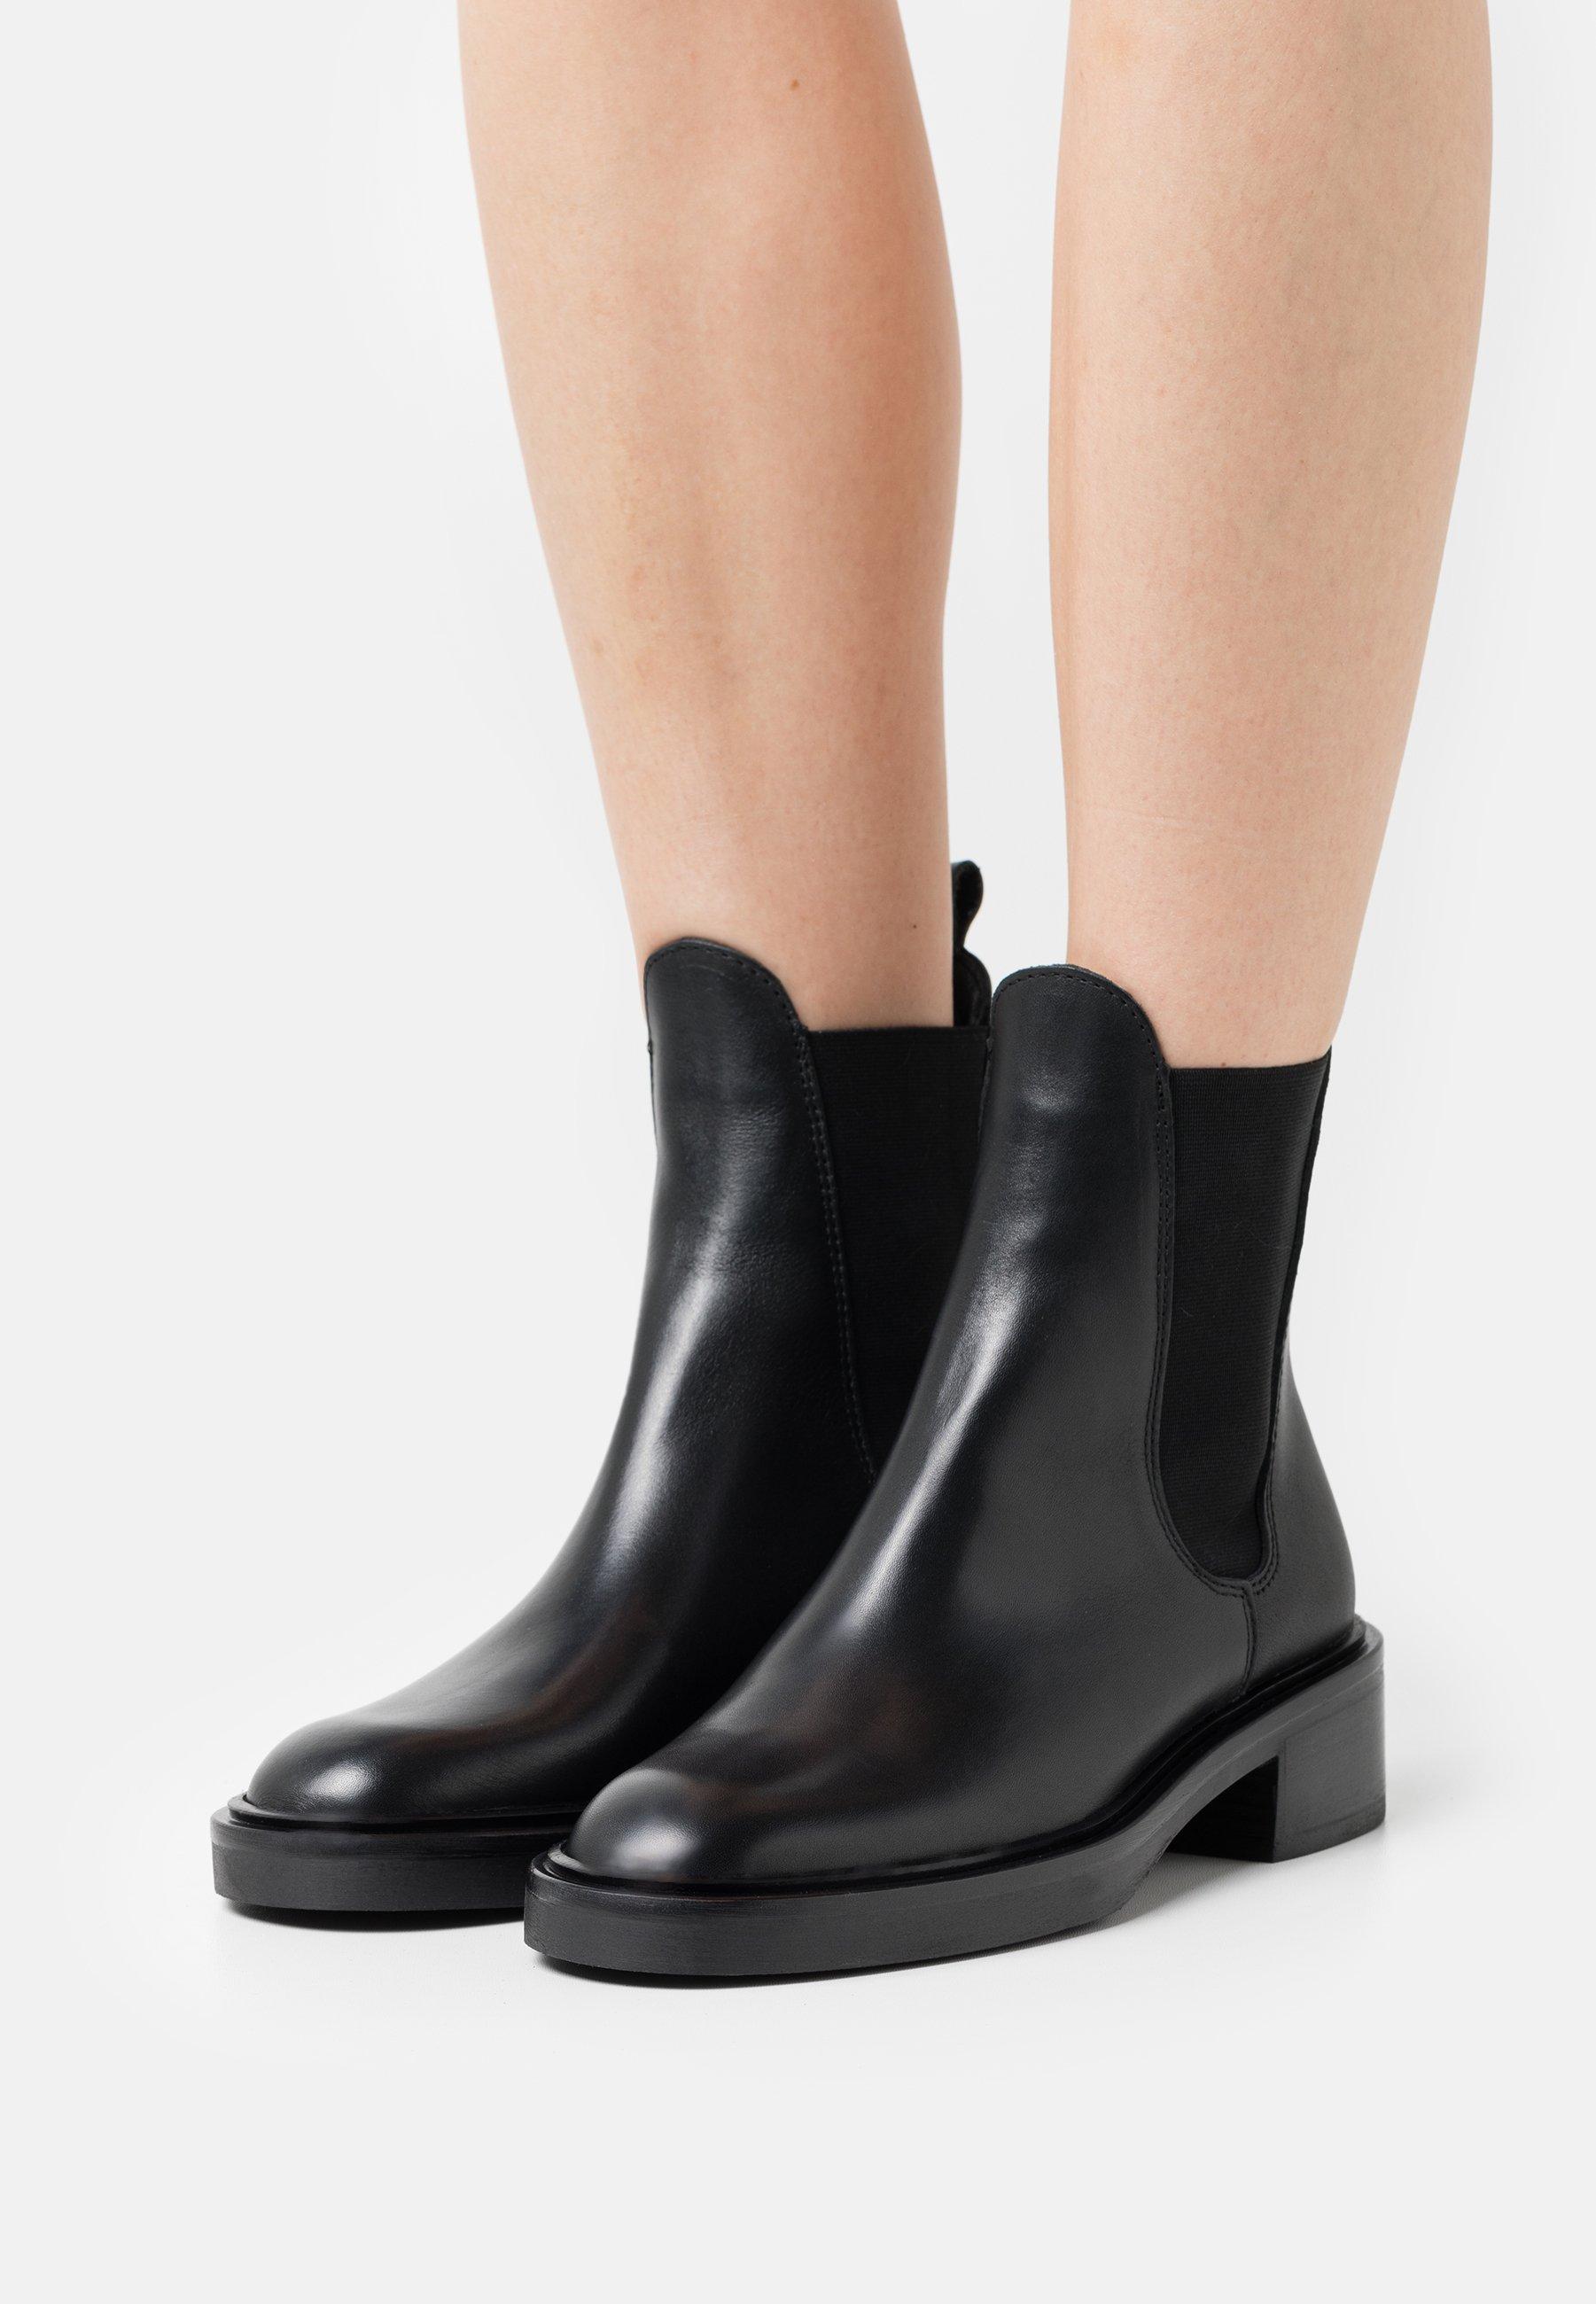 Women HIPICA - Platform ankle boots - black